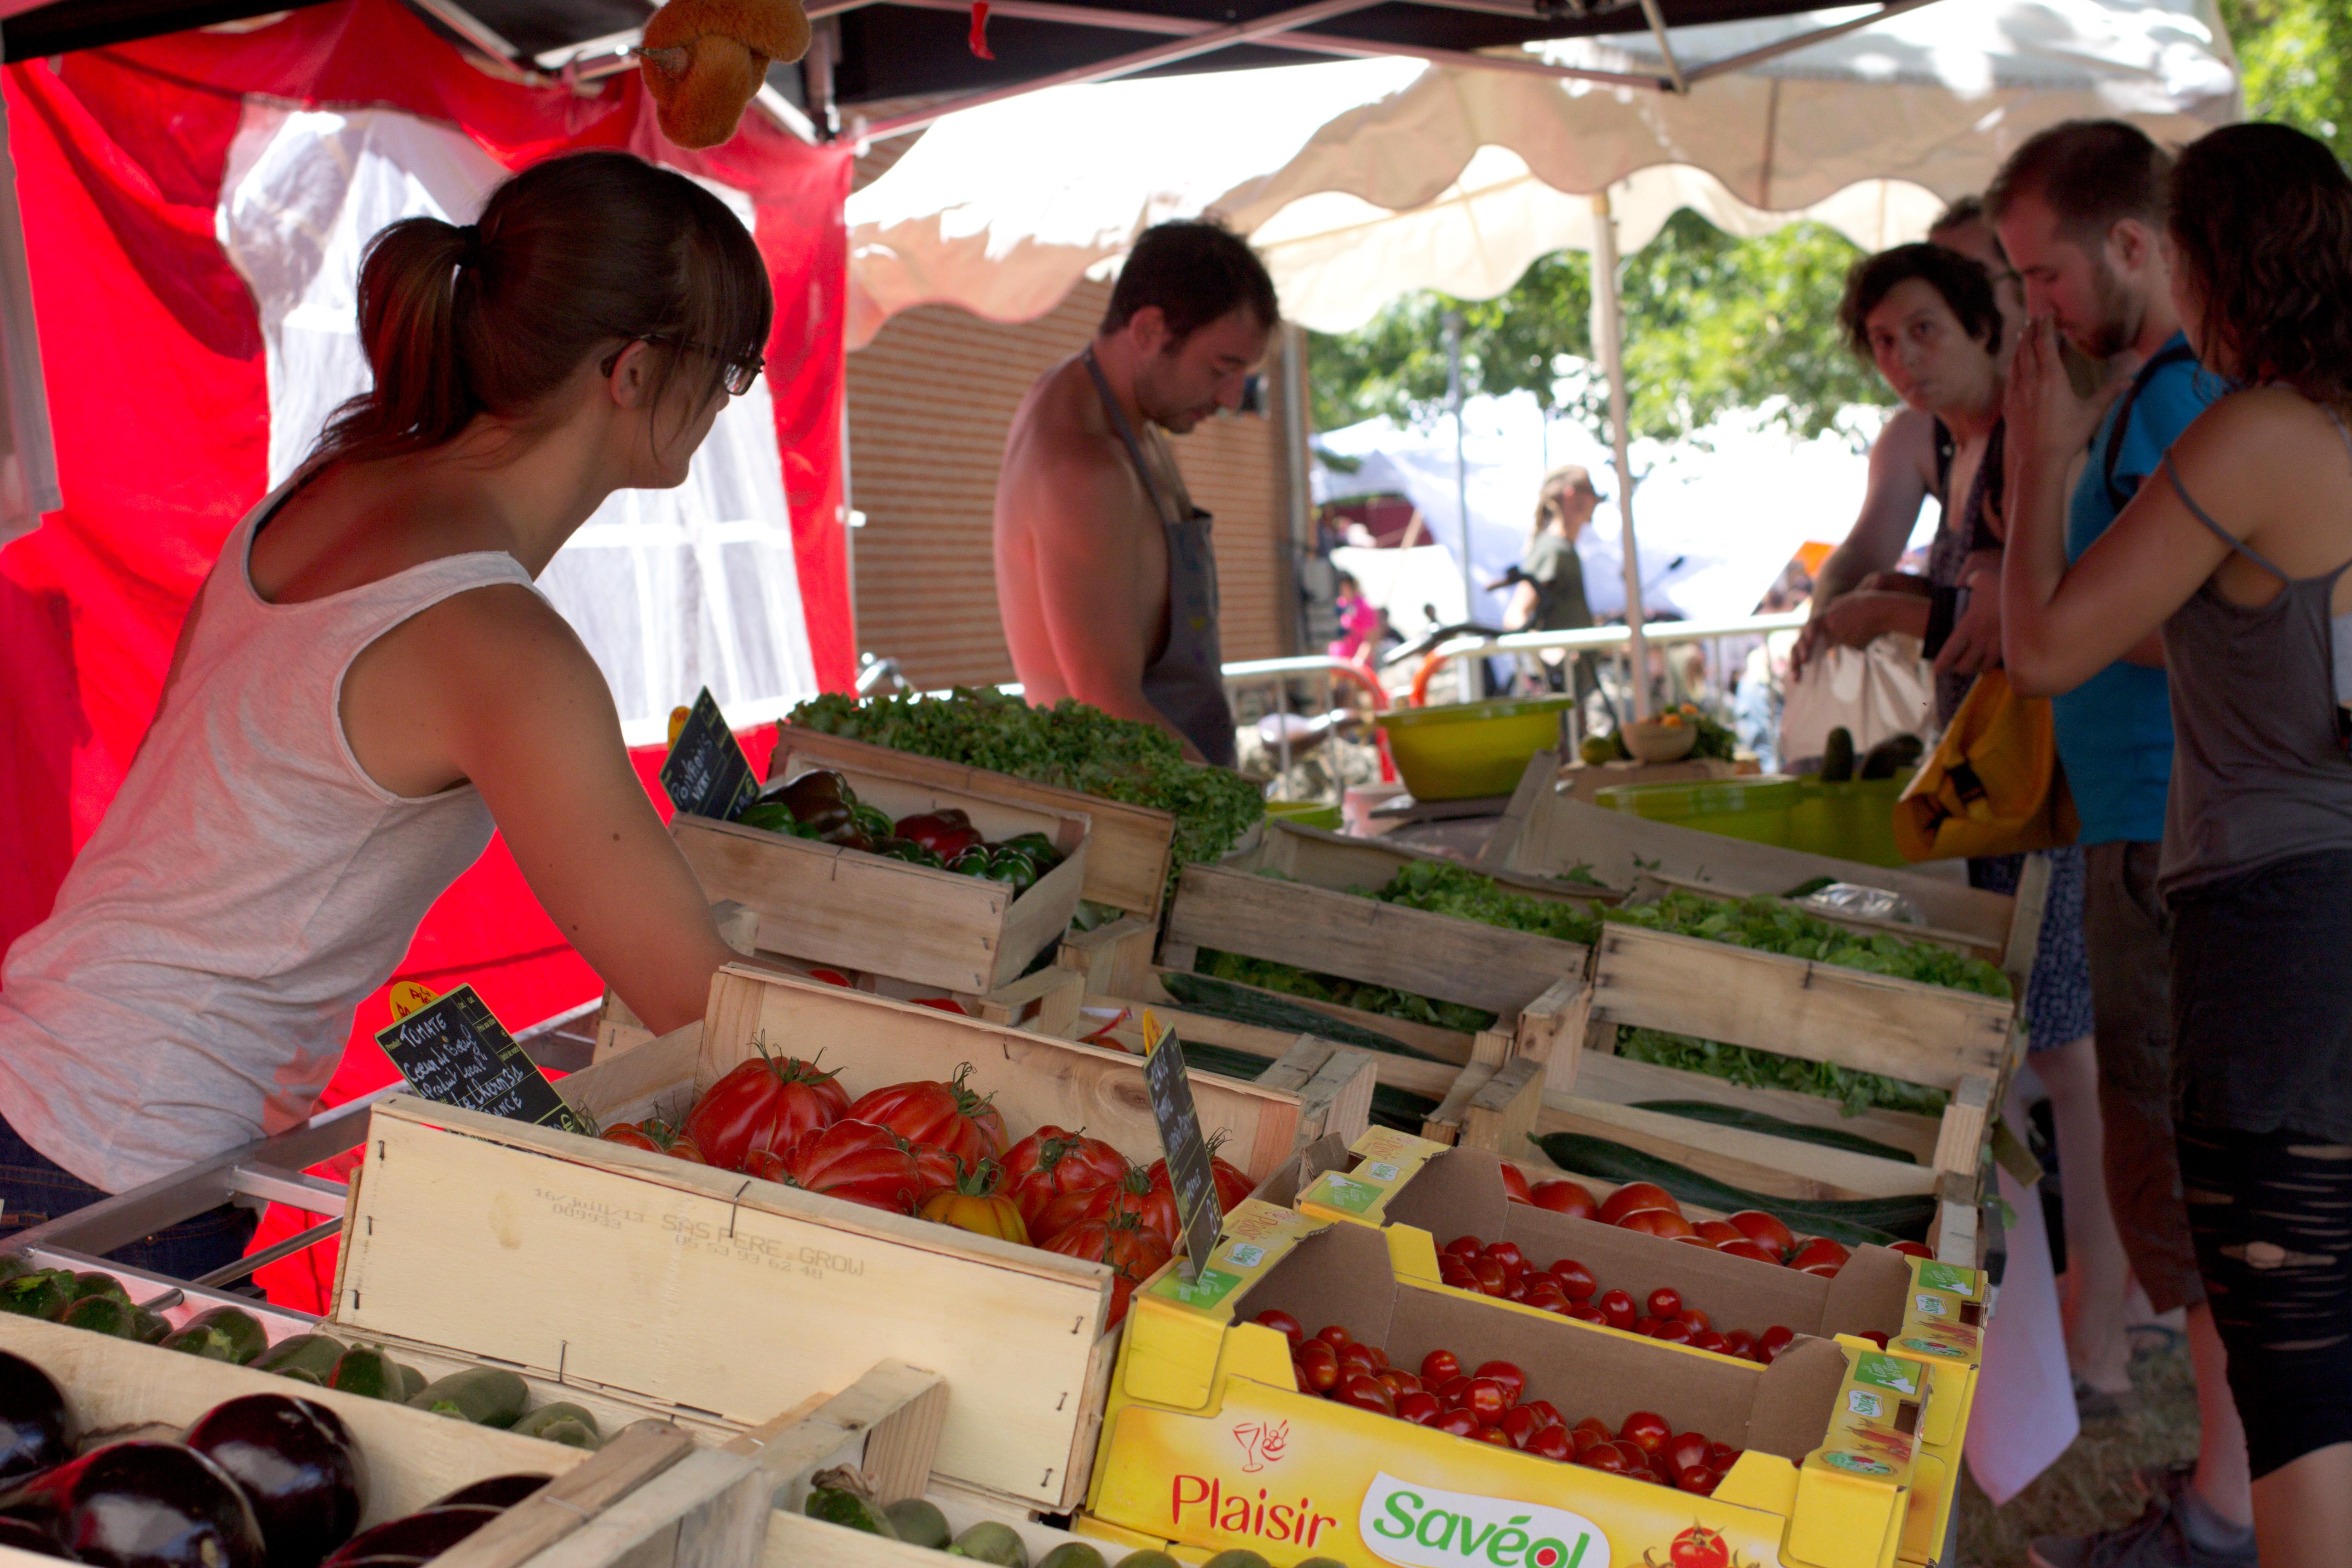 EJC 2013 day 3 - Monday: Fruit.